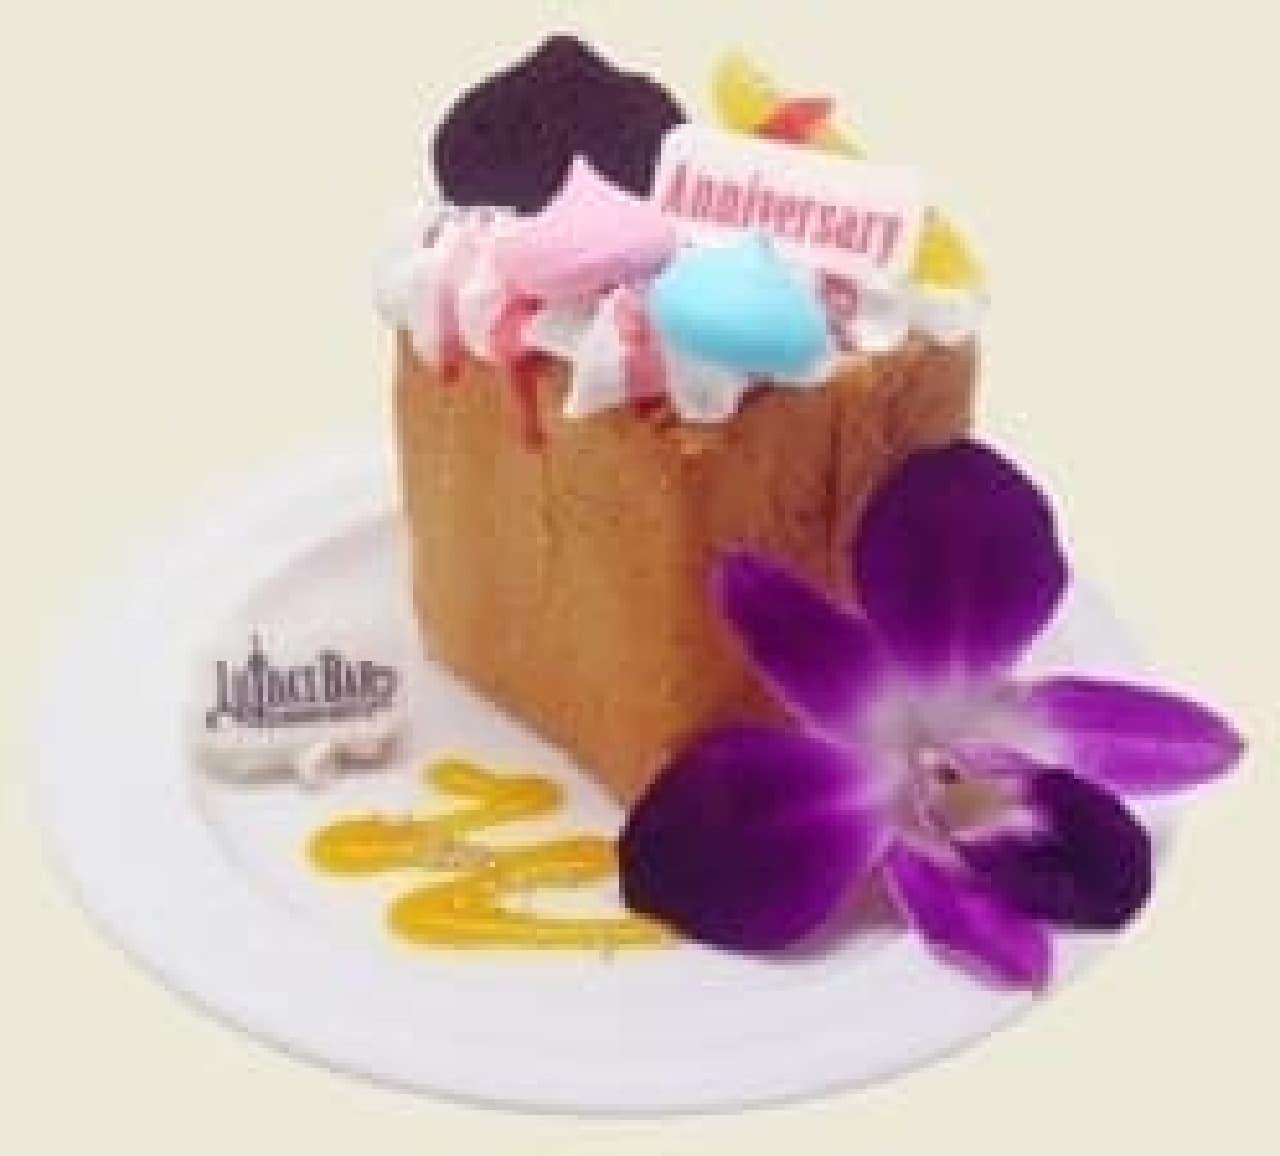 4周年記念限定「ハニトー」がタダで!?  (出典:LUIDA'S BAR 公式ブログ)  (c)SQUARE ENIX CO.,LTD./(c)Pasela Resorts.